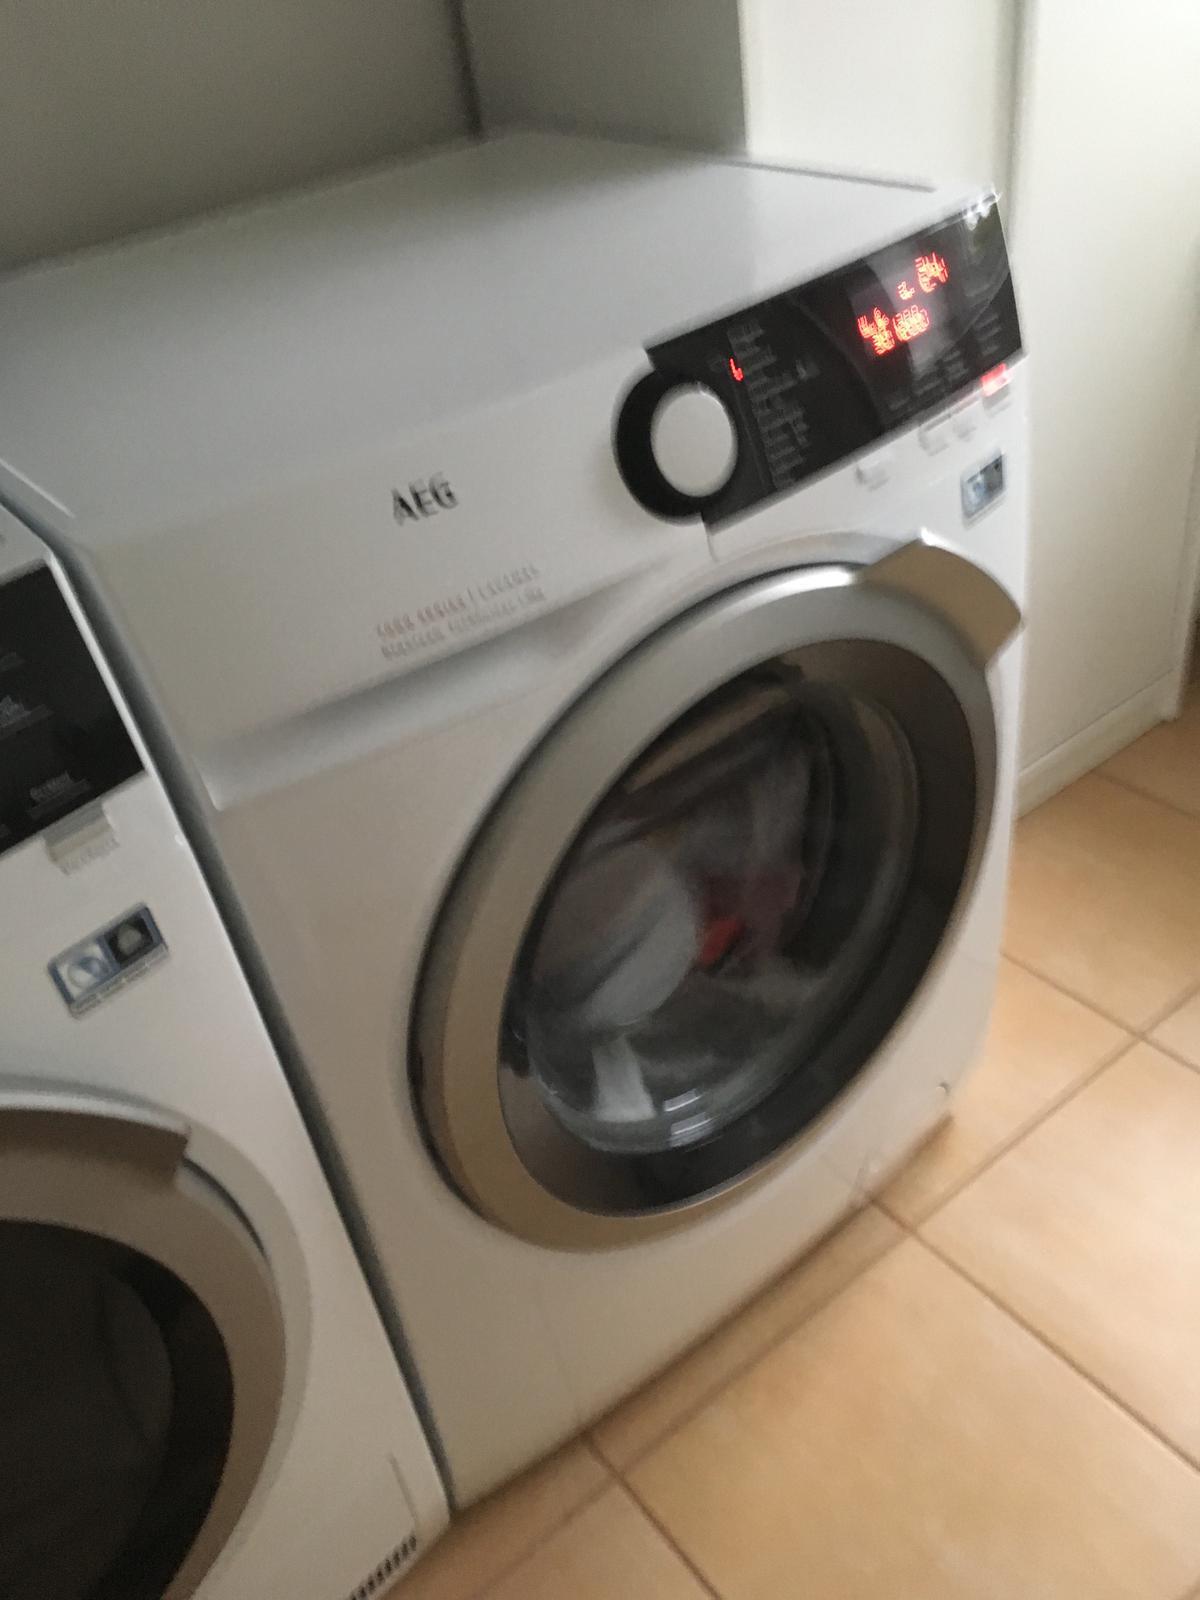 Tak myčka odzkoušena zatím na krátký program, ale pračka už jede na plné obratky😀. - Obrázek č. 3